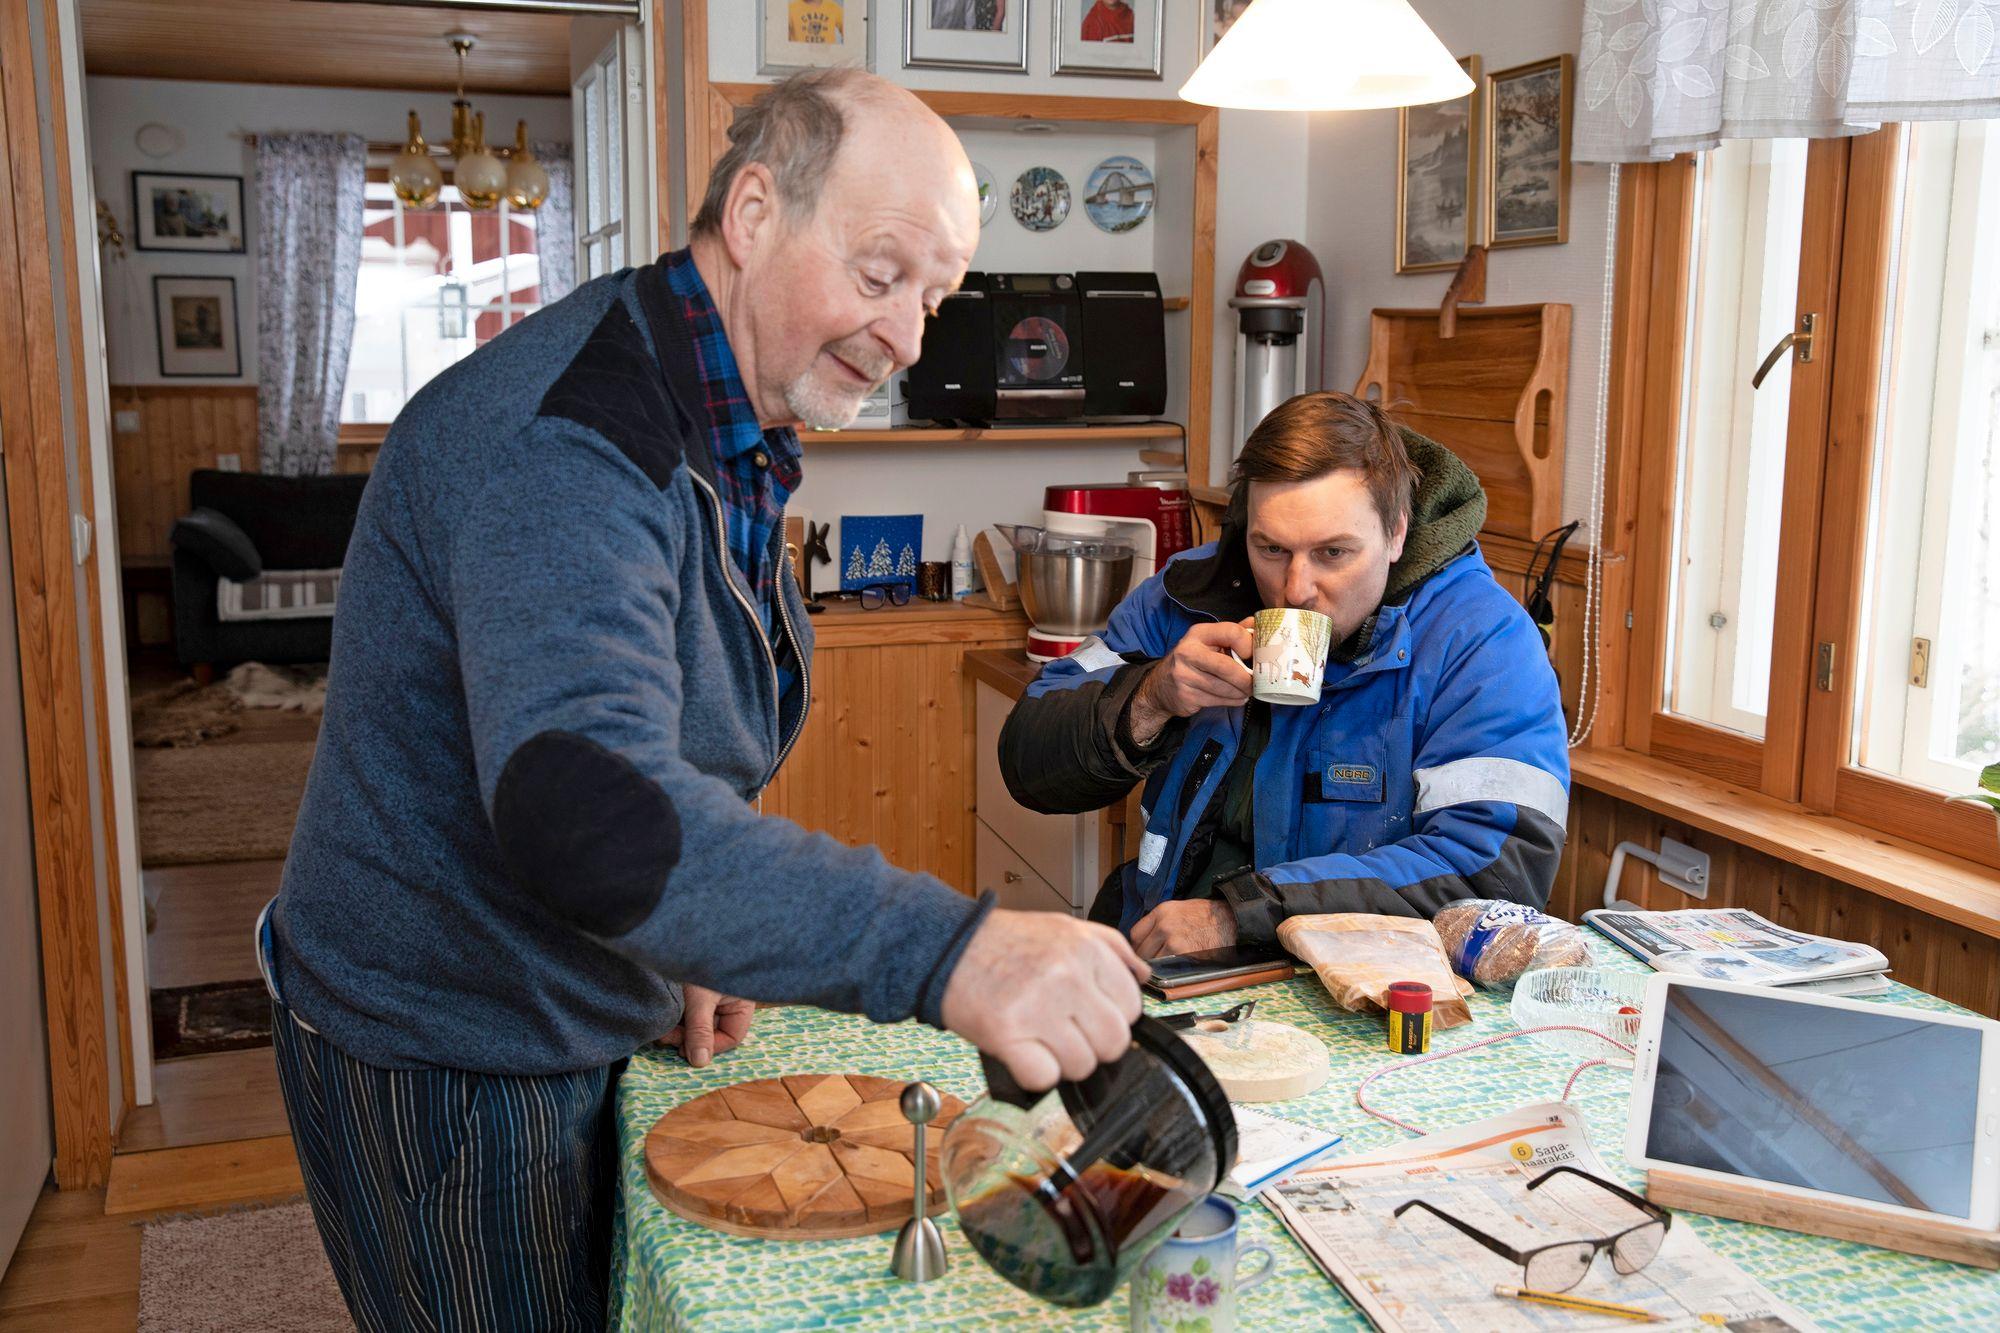 Alun perin Tapani Johanssonin asuinmökin tontti oli hänen isänsä, ja Tapani oli siinä vuokralla. Mökki oli niin vilpoinen, että pakkasella kissankupin vesi jäätyi. Kahvipöydässä myös Janne Nordqvist.